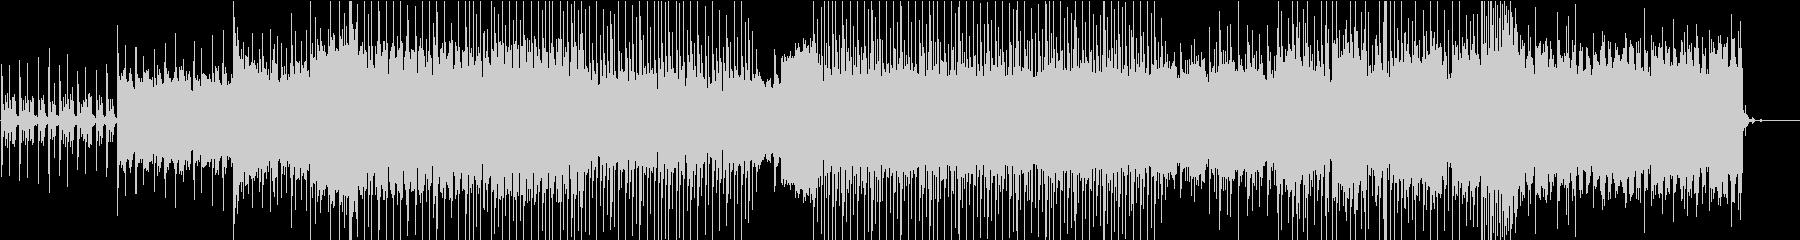 クールなEDMの未再生の波形